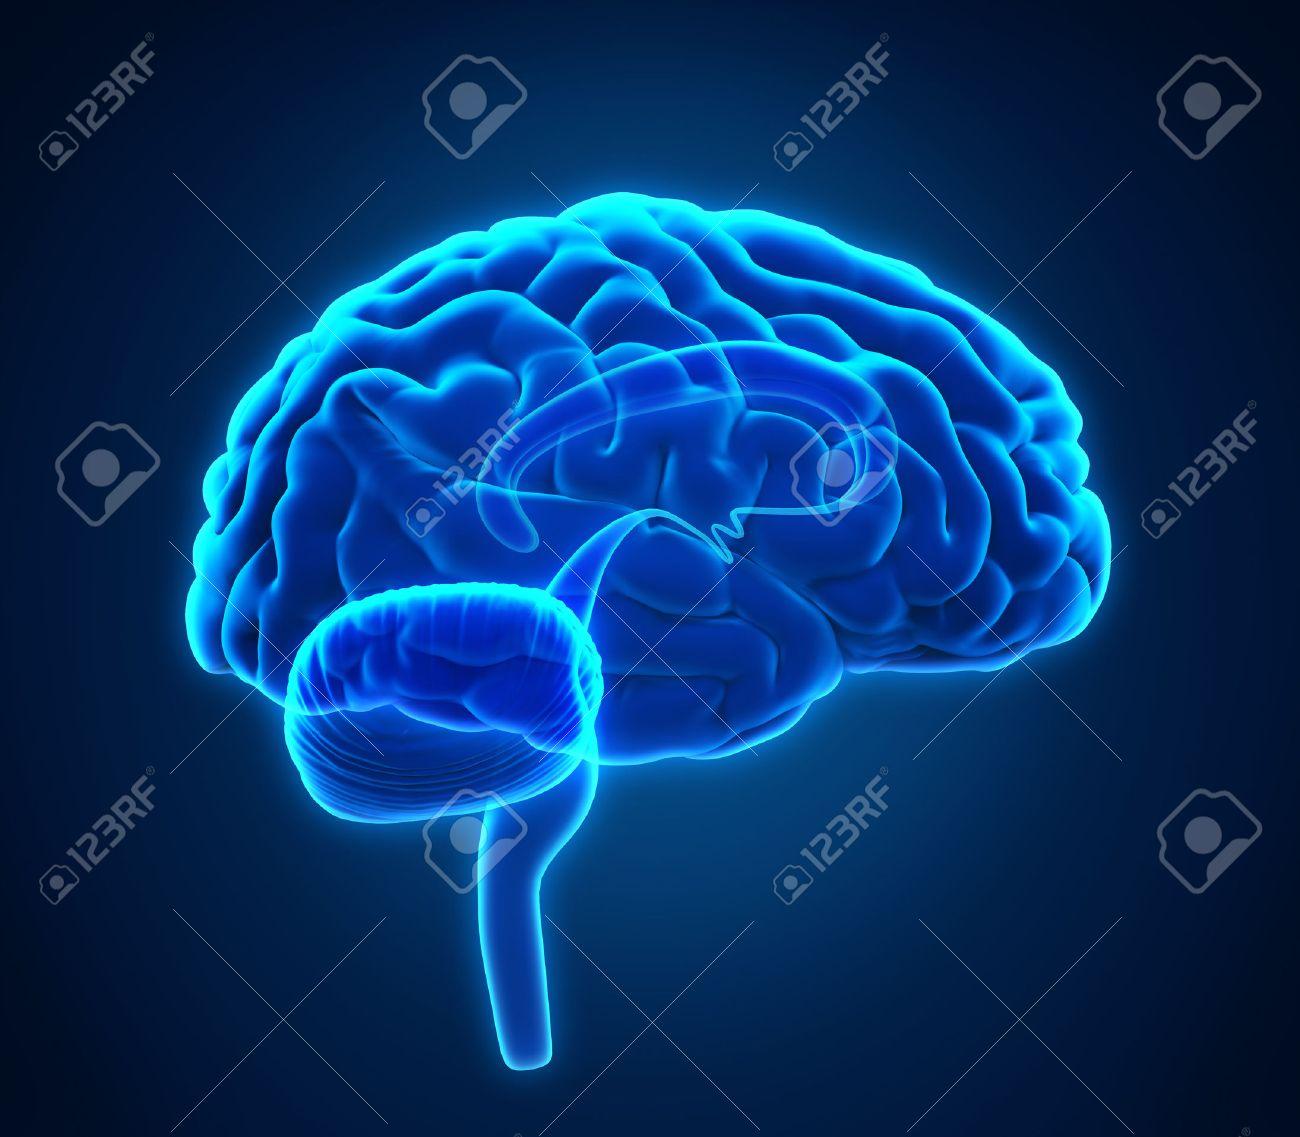 Anatomía Del Cerebro Humano Fotos, Retratos, Imágenes Y Fotografía ...